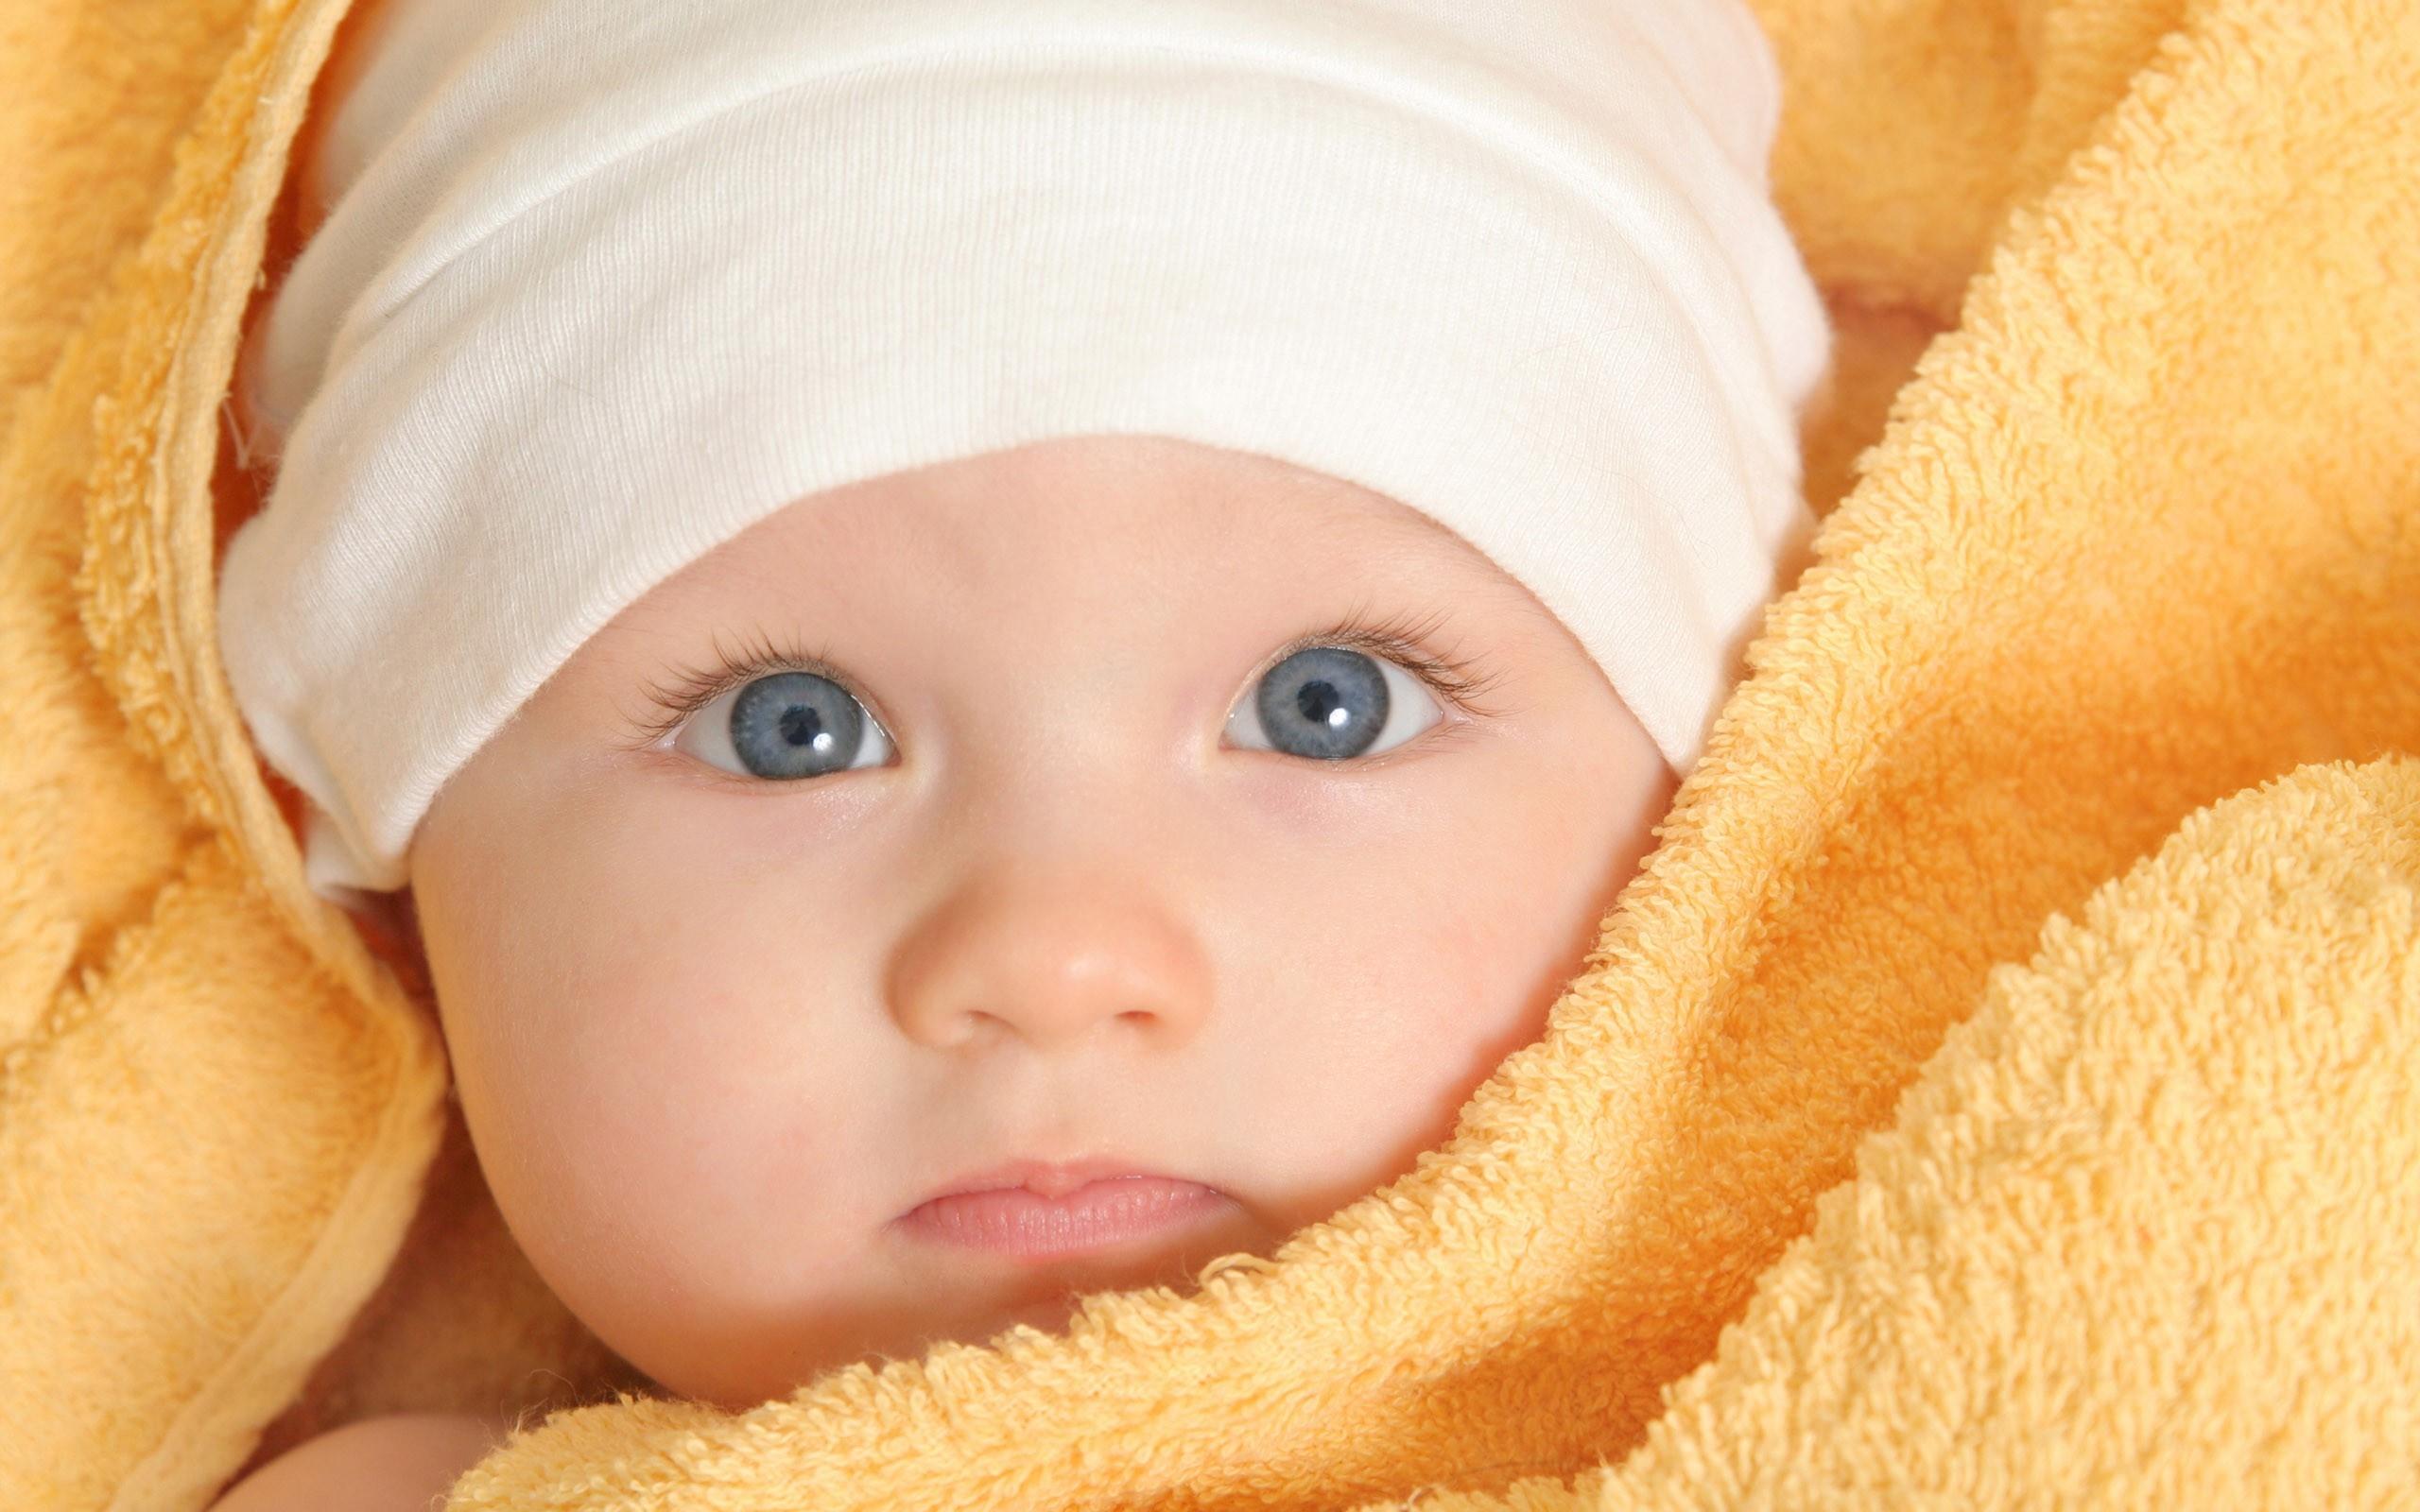 بالصور كلام عن براءة الاطفال , اجمل العبارات التي تصف براءة الاطفال 11472 9